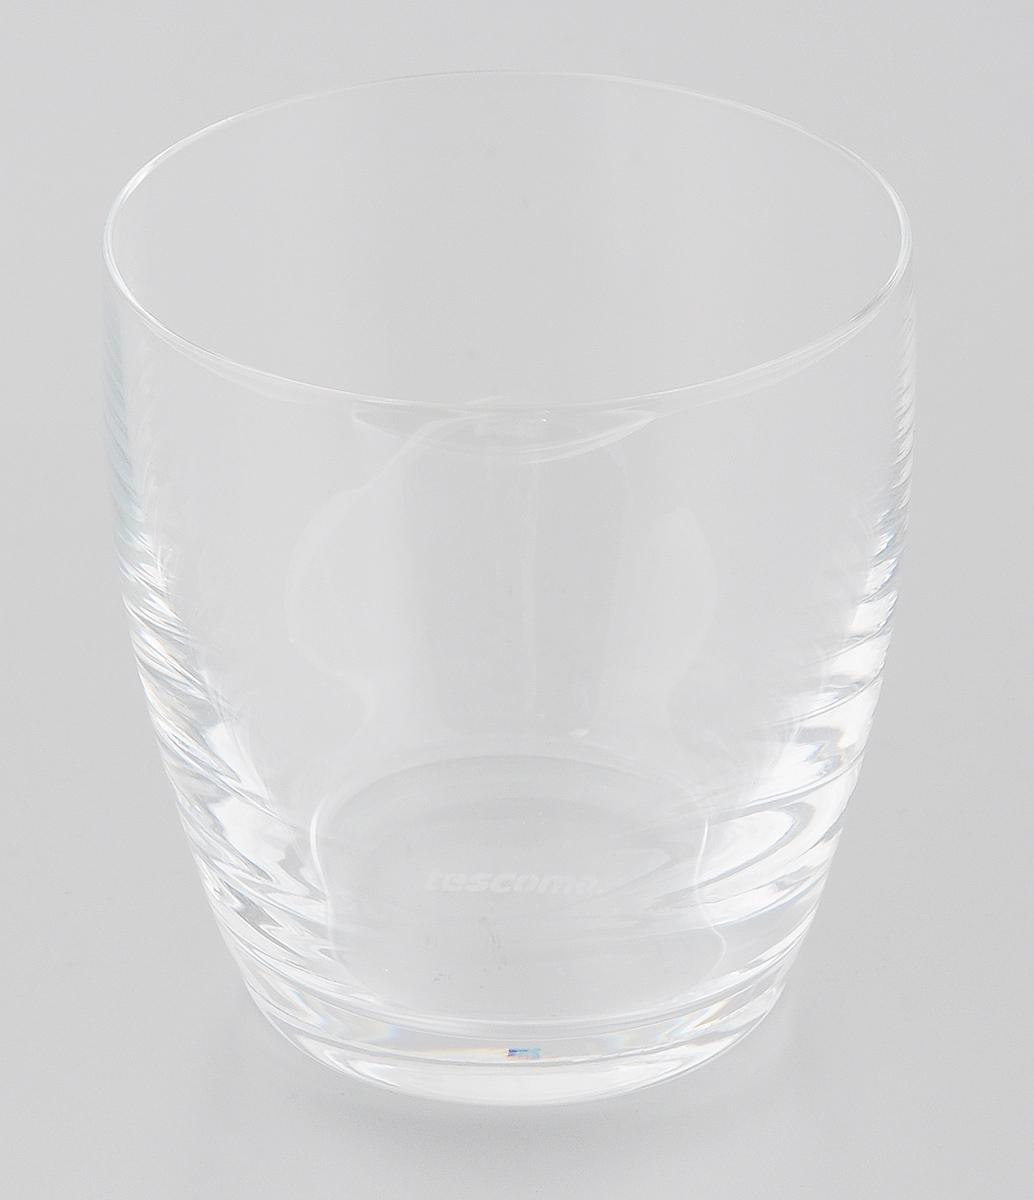 Стакан Tescoma Crema, 350 мл306250Стакан Tescoma Crema, изготовлен из прочного боросиликатового стекла, прекрасно дополнит интерьер вашей кухни. Изящный дизайн стакана придется по вкусу и ценителям классики, и тем, кто предпочитает утонченность и изысканность. Стакан Tescoma Crema станет хорошим подарком к любому празднику. Изделие пригодно для микроволновой печи, холодильника, морозильника и посудомоечной машины. Диаметр (по верхнему краю): 8 см. Высота: 9 см.